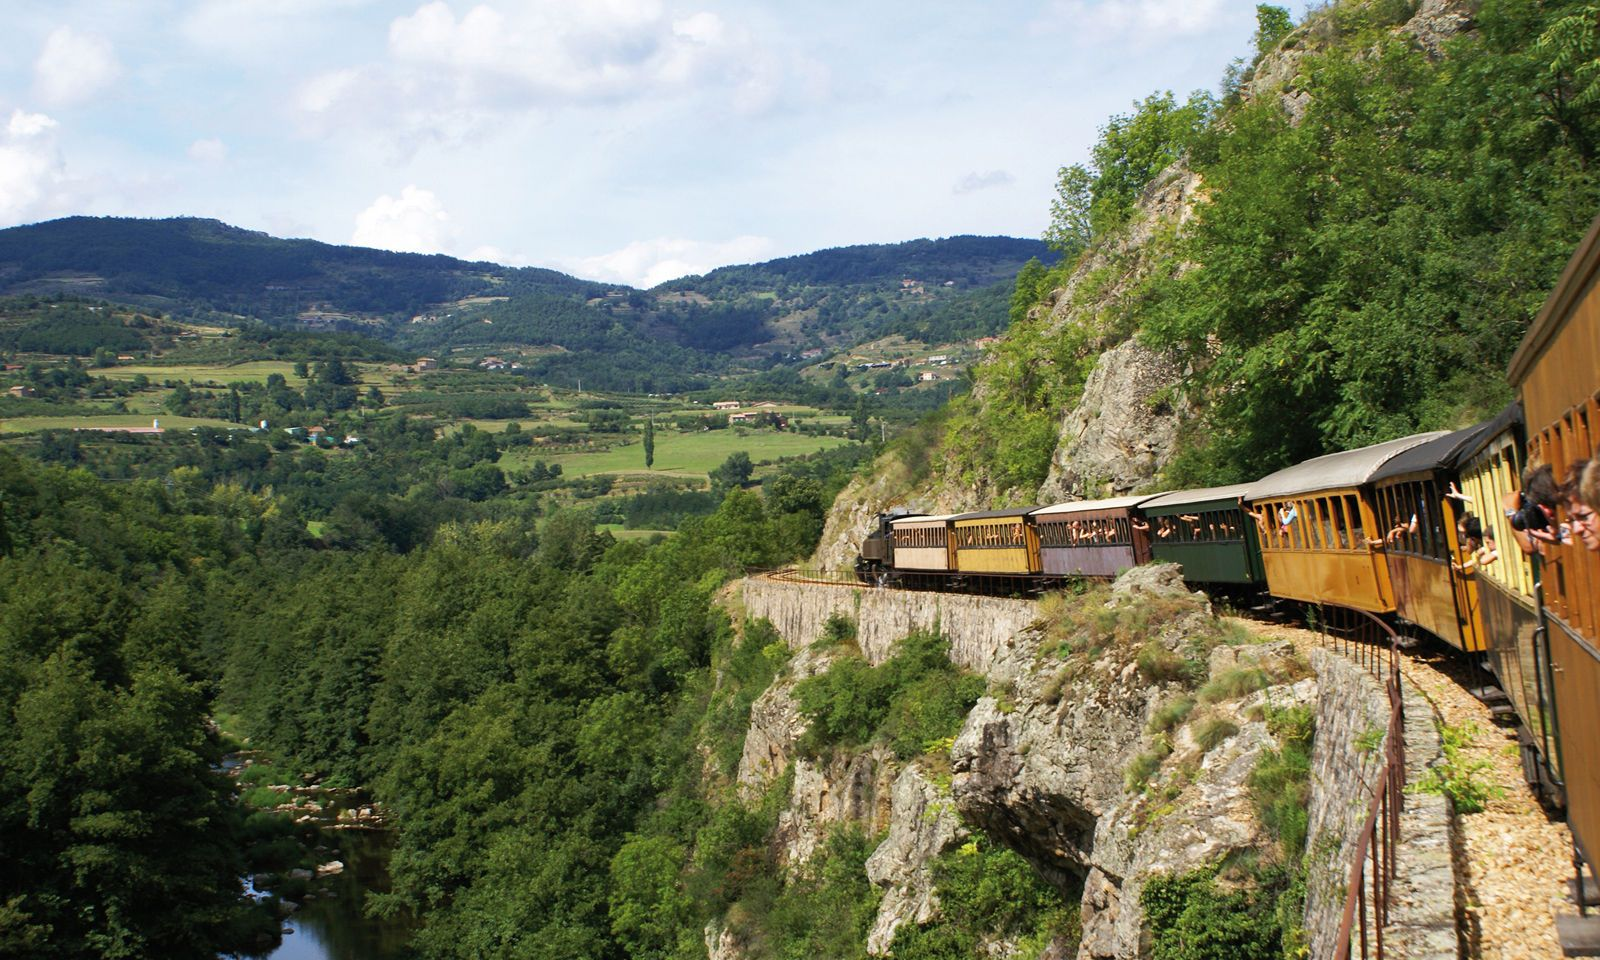 Die Museumsbahn schnauft die Ardèche entlang.